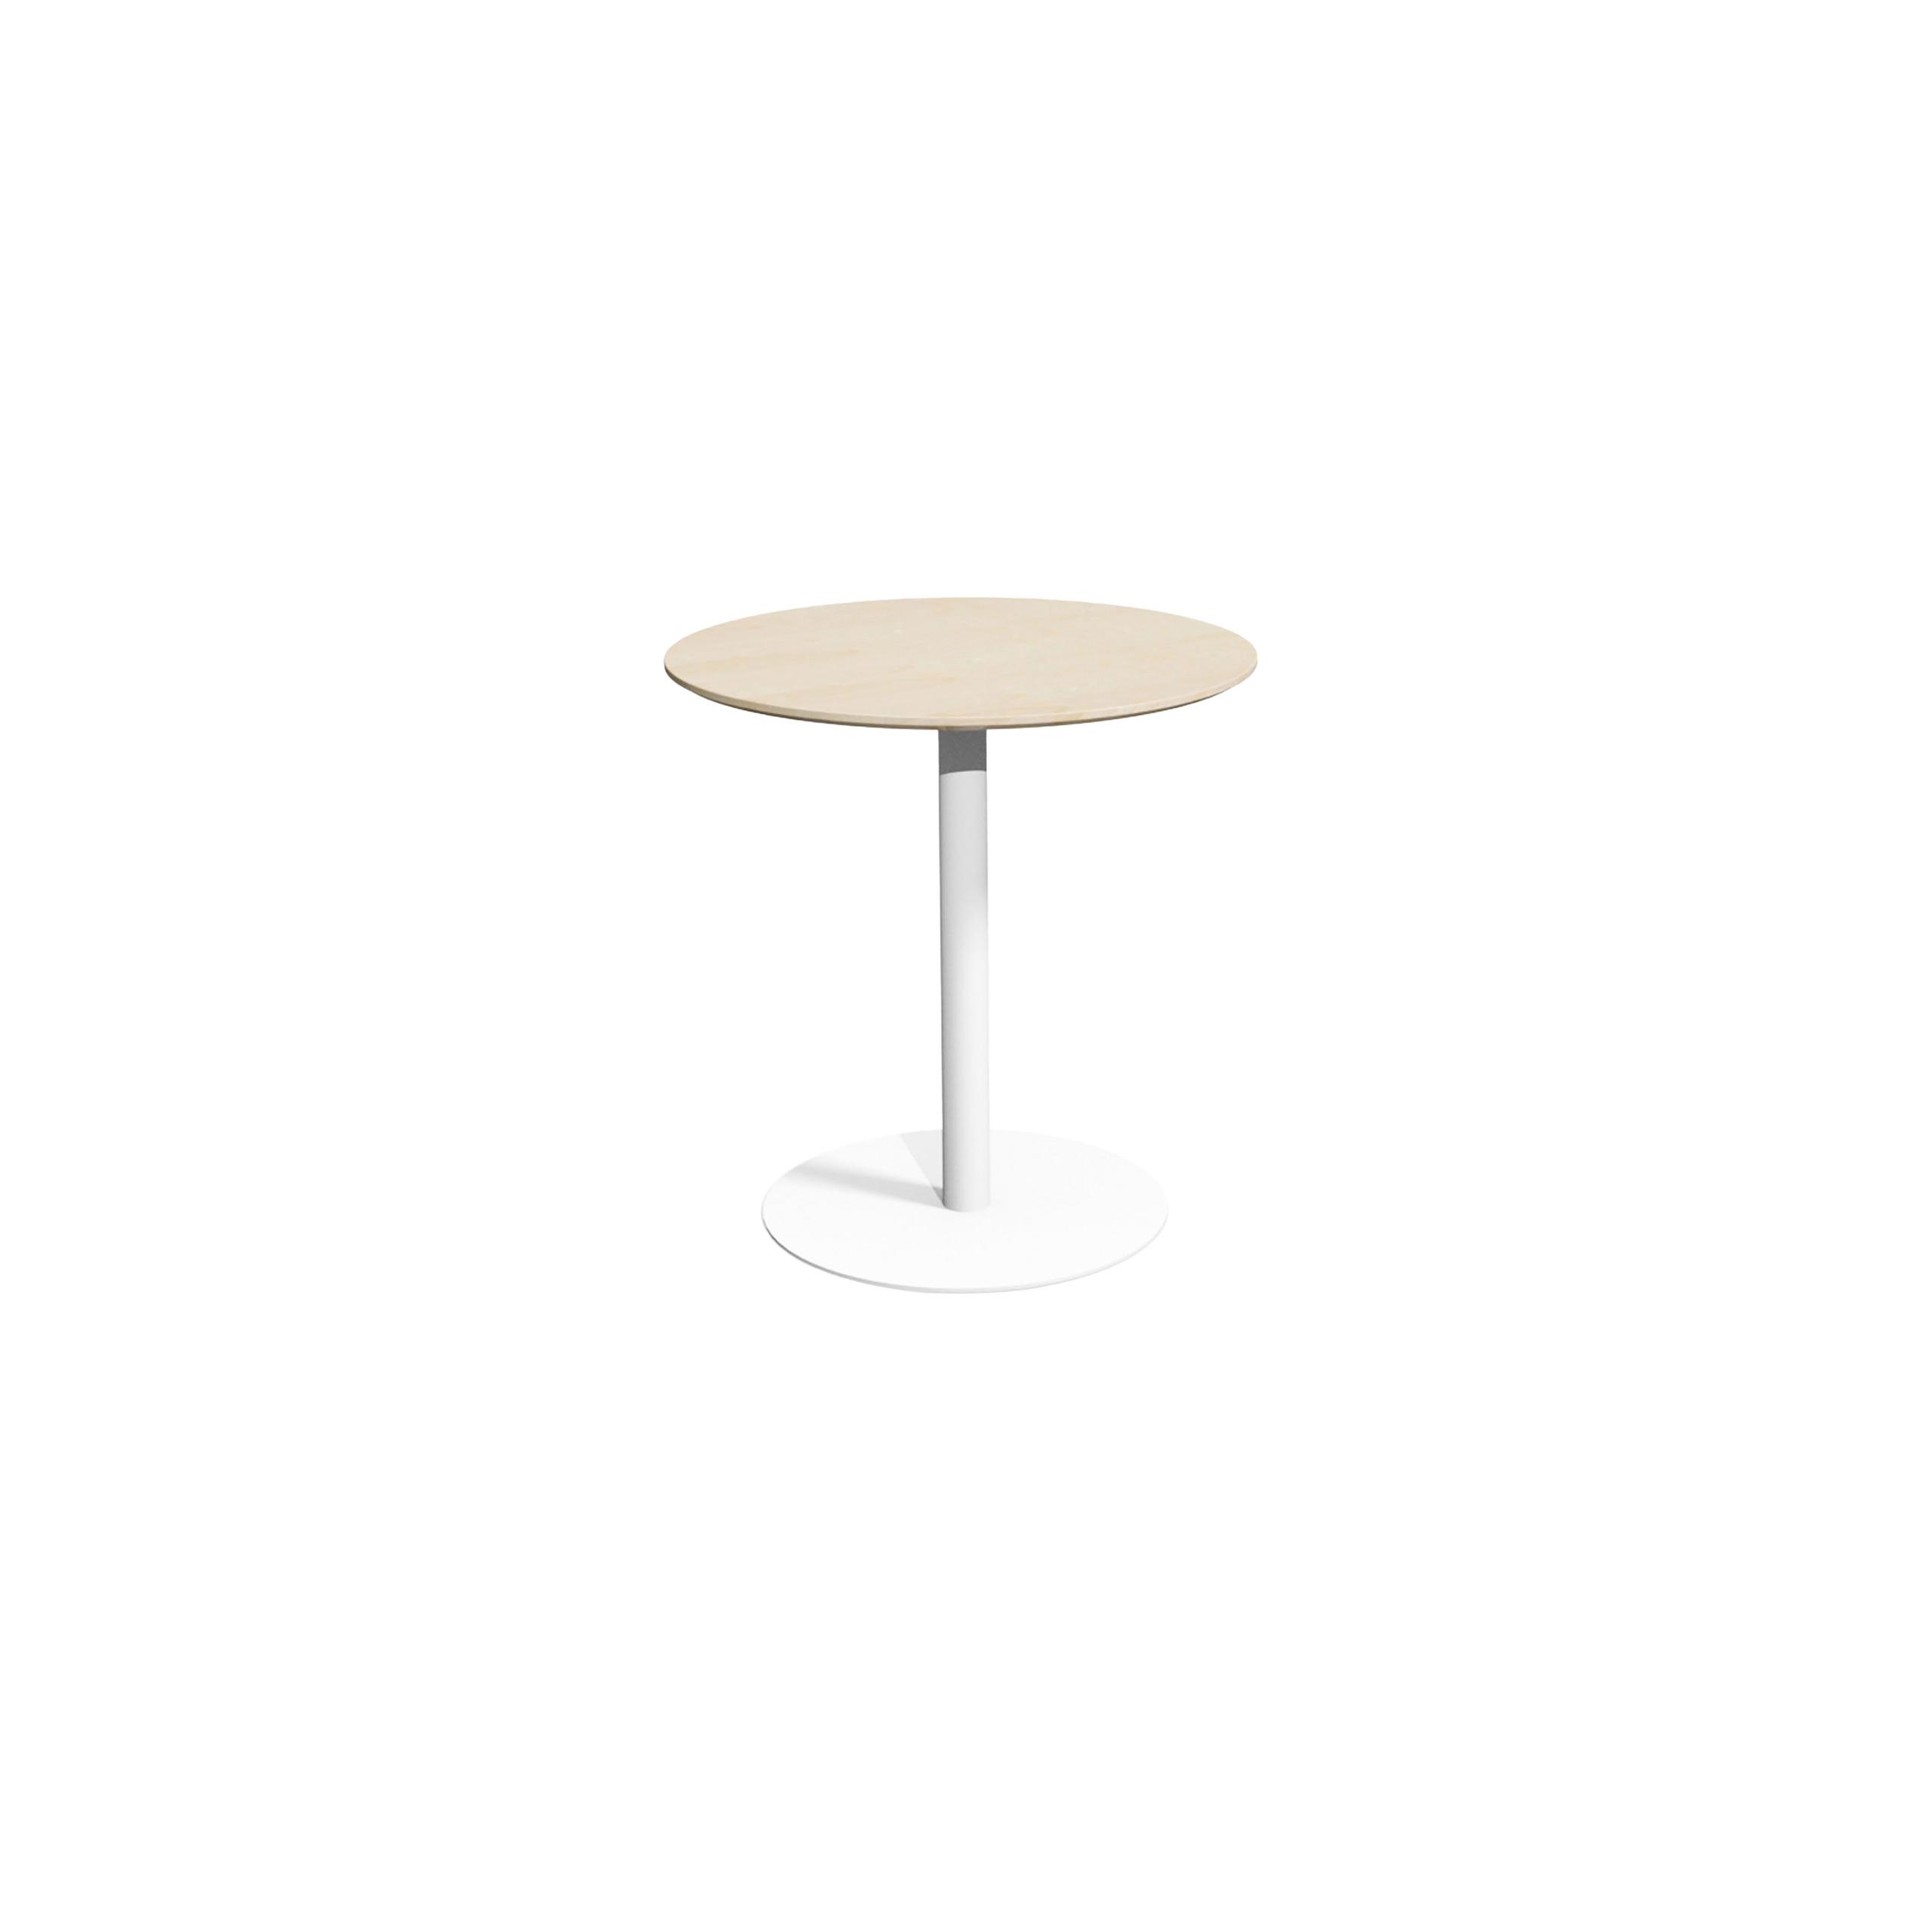 Chat Loungebord med pelarstativ produktbild 2